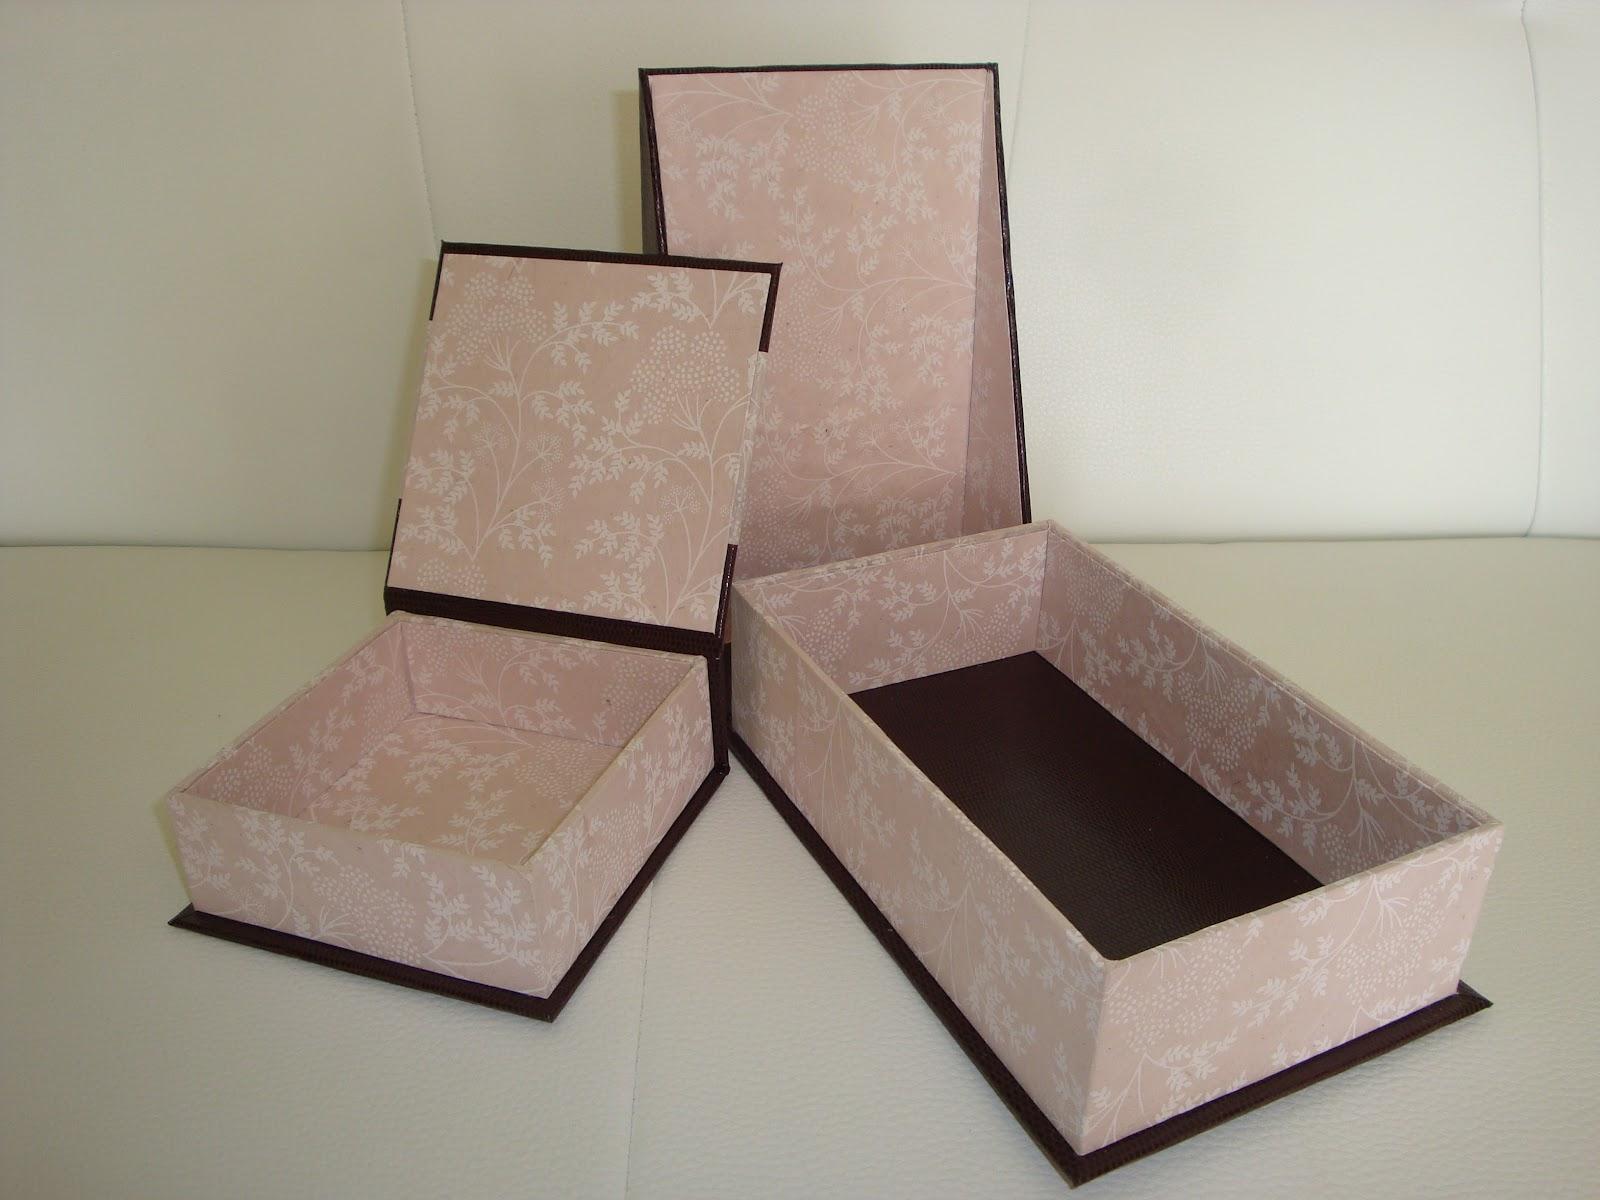 le temps des cr ations boite au couvercle inclin. Black Bedroom Furniture Sets. Home Design Ideas